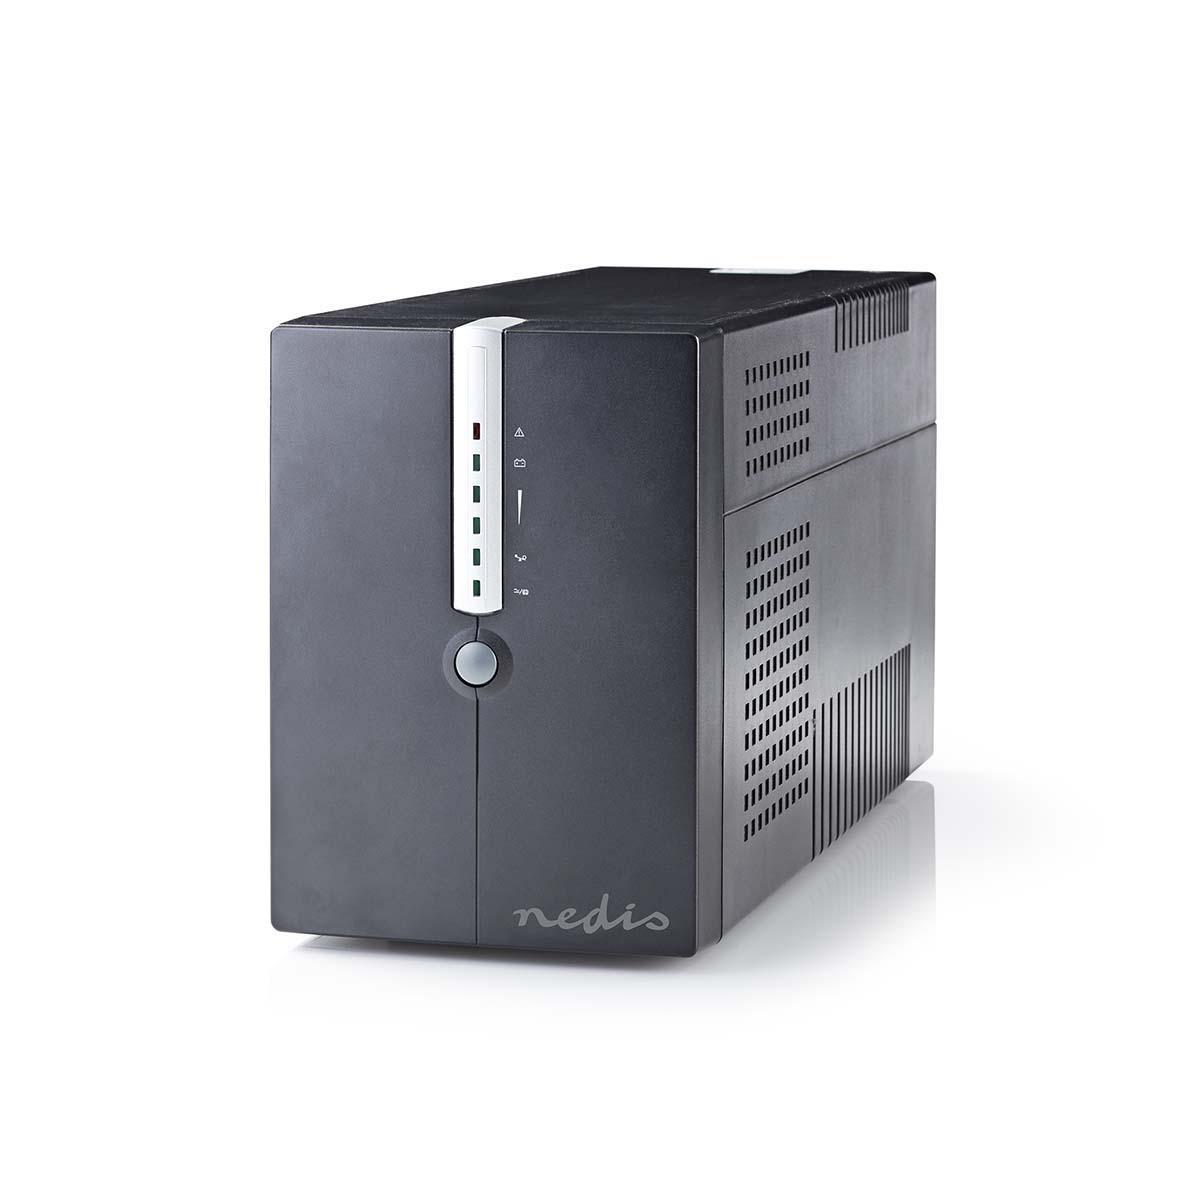 Bescherm uw kostbare computer en bestanden tegen stroomuitval en spanningspieken met deze krachtige 2000 VA UPS. De ingebouwde accu geeft u 10 minuten de tijd om bestanden op te slaan en de computer correct af te sluiten tijdens een stroomstoring. Met de